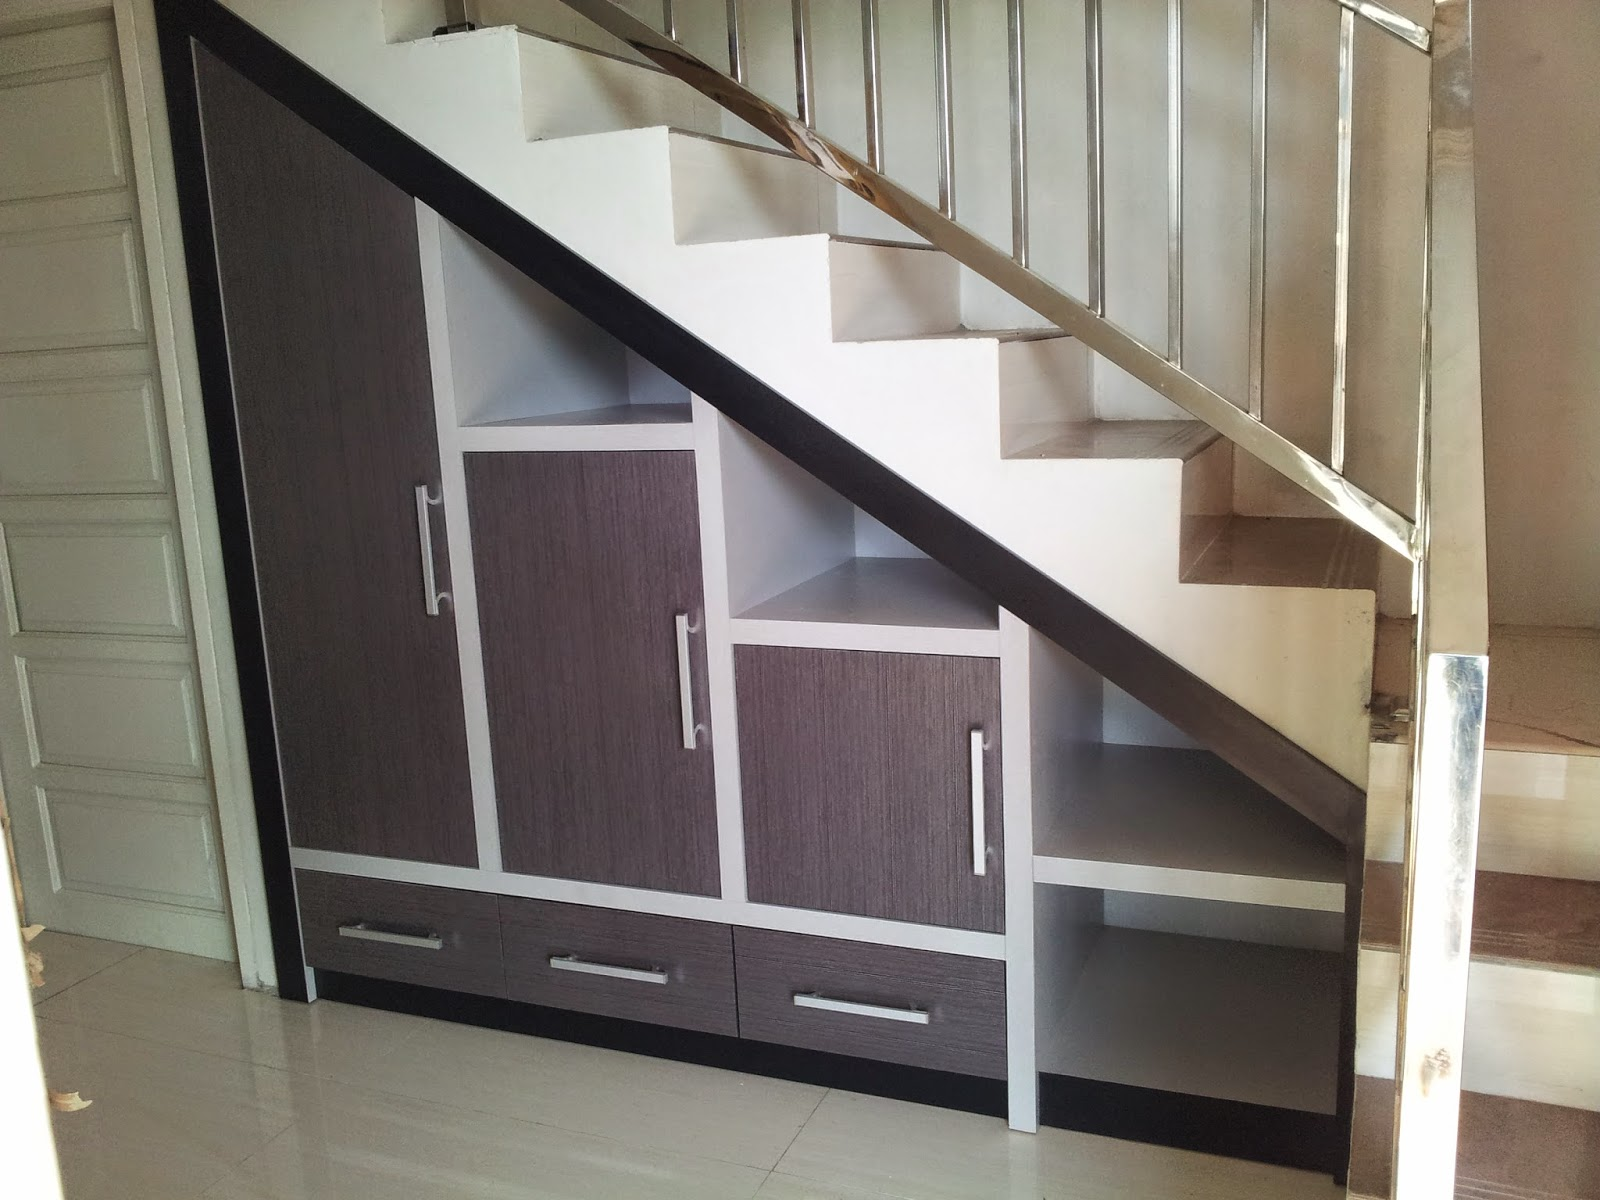 Interiorsamarinda pembuatan lemari bawah tangga for Rak kitchen set minimalis